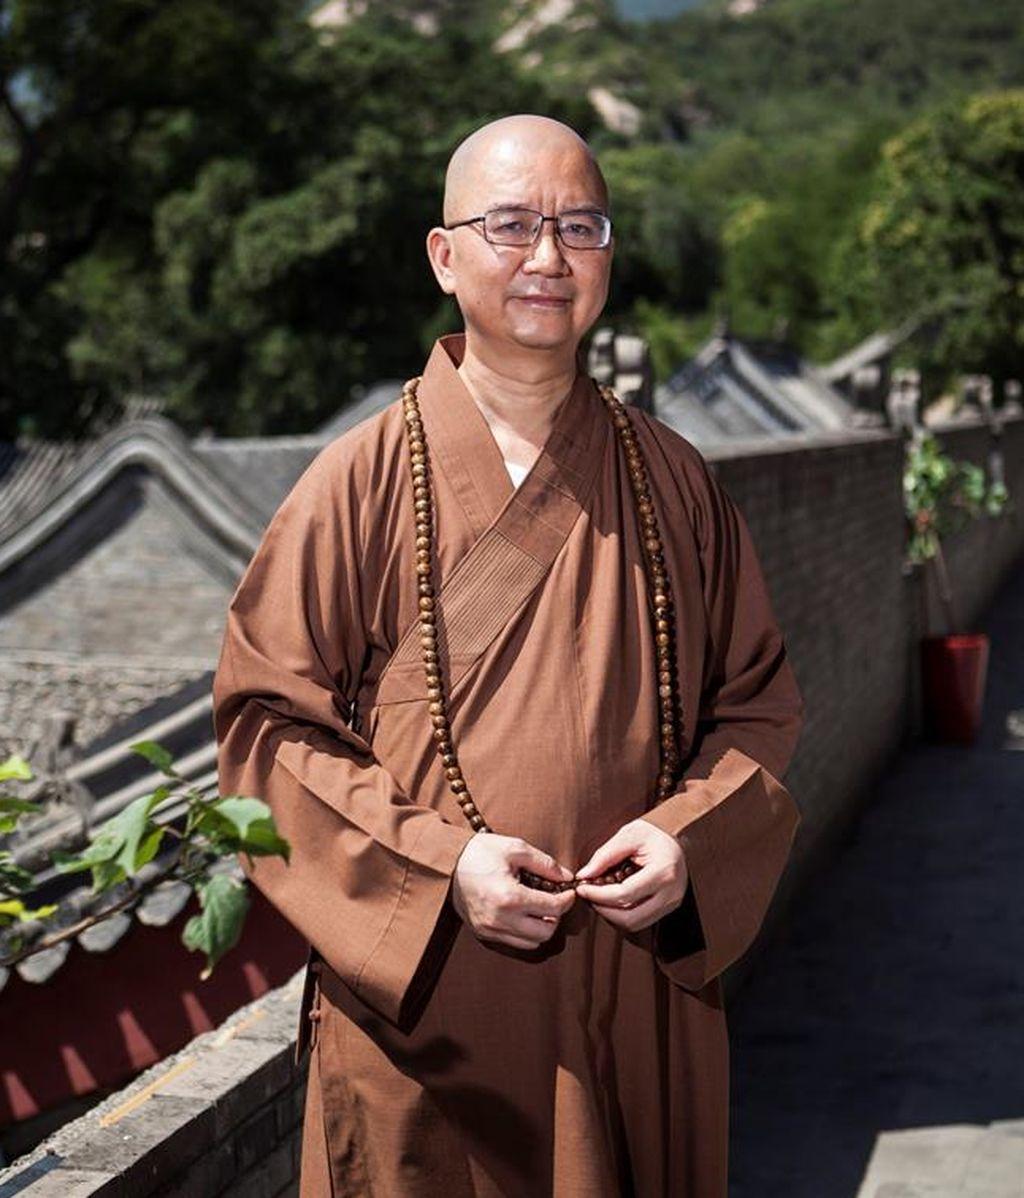 Un budista chino, acusado de abusos sexuales